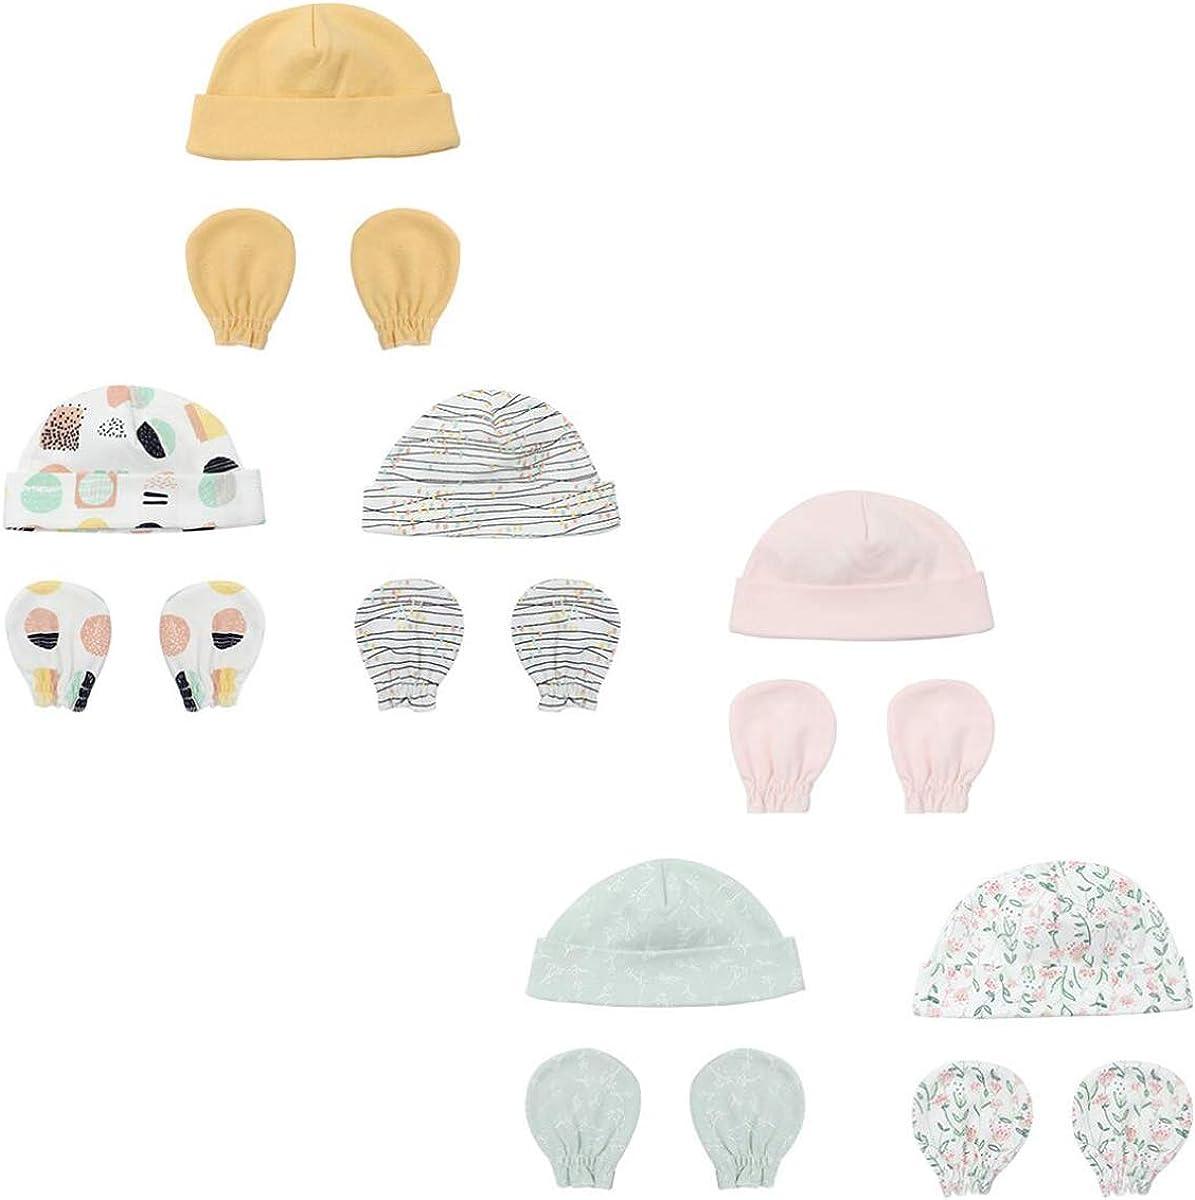 Newborn Beanie Hat Gloves Set Baby Girl Beanie Spring Summer Autumn Winter Hats for 0-6 Months Infant Cotton